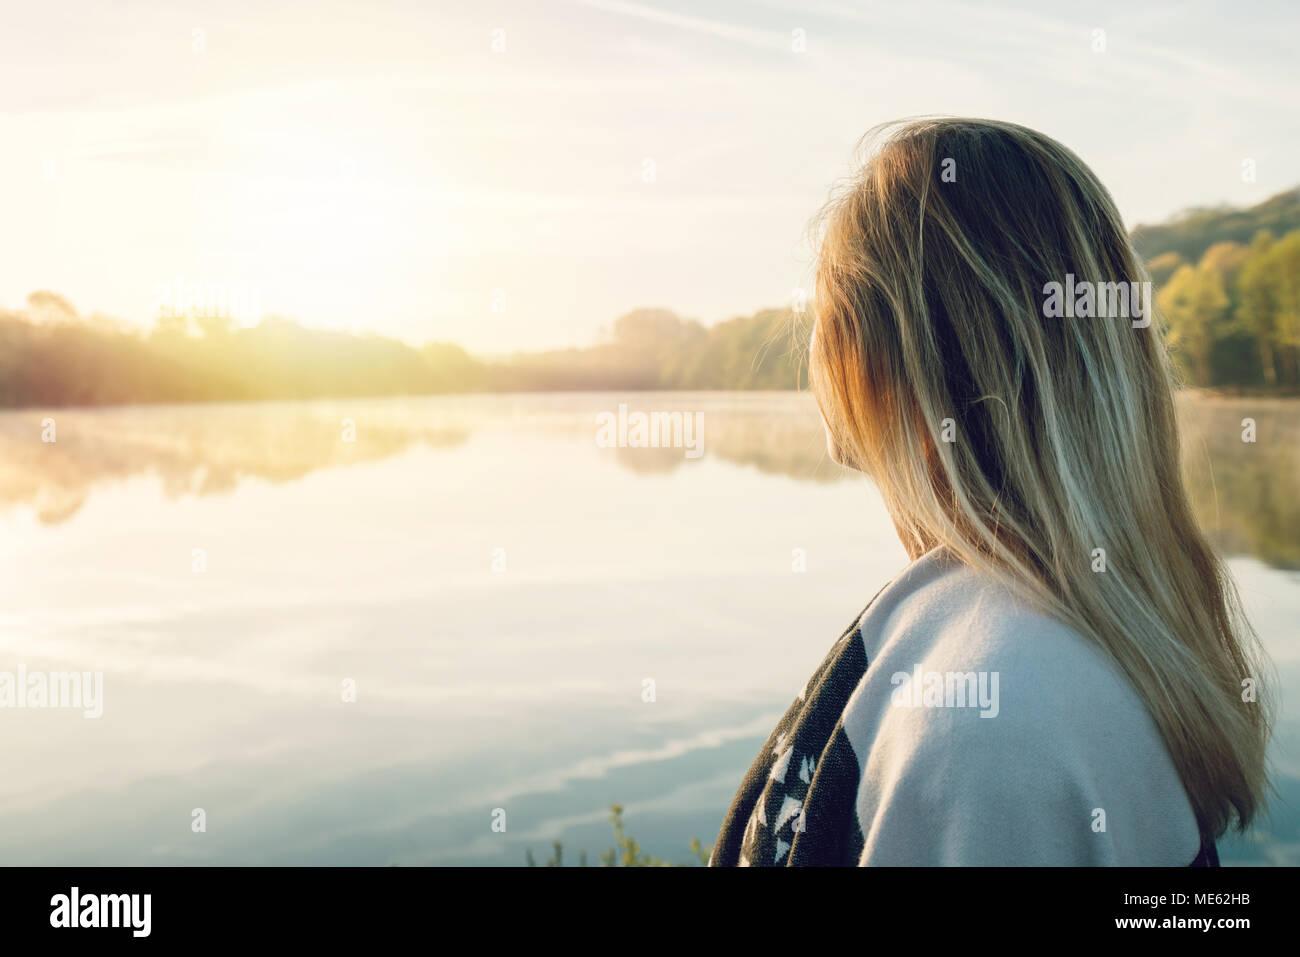 Jeune femme contemplant la nature par le lac au lever du soleil, le printemps, la France, l'Europe. Les gens voyagent de détente dans la nature concept. L'image des tonalités Photo Stock